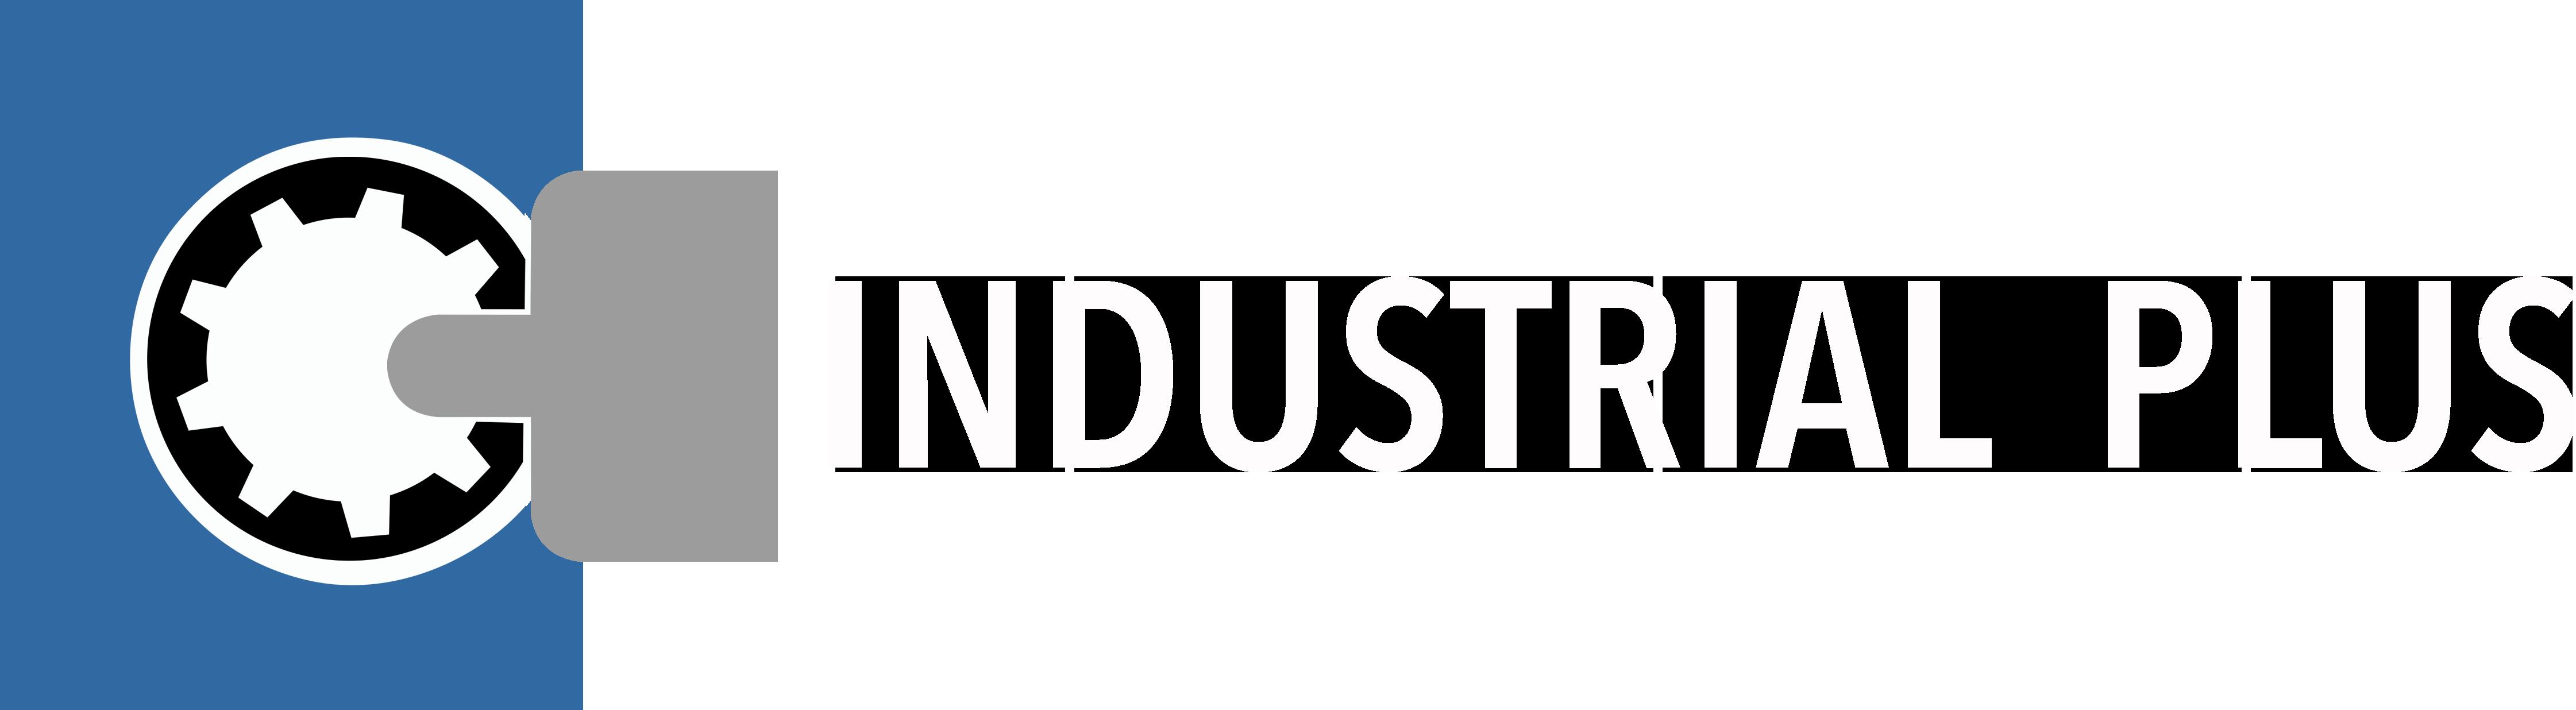 Industrial Plus